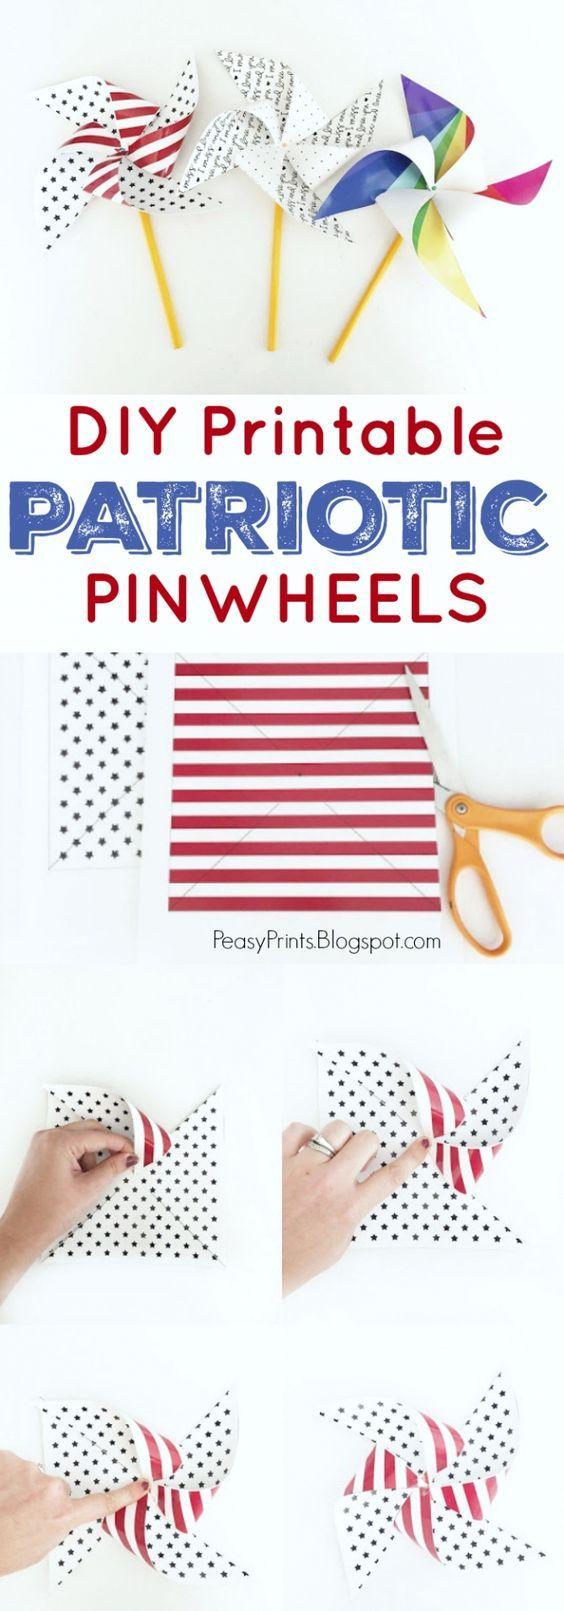 DIY Printable Patriotic Pinwheels, cute 4th of July craft! Great patriotic craft idea!